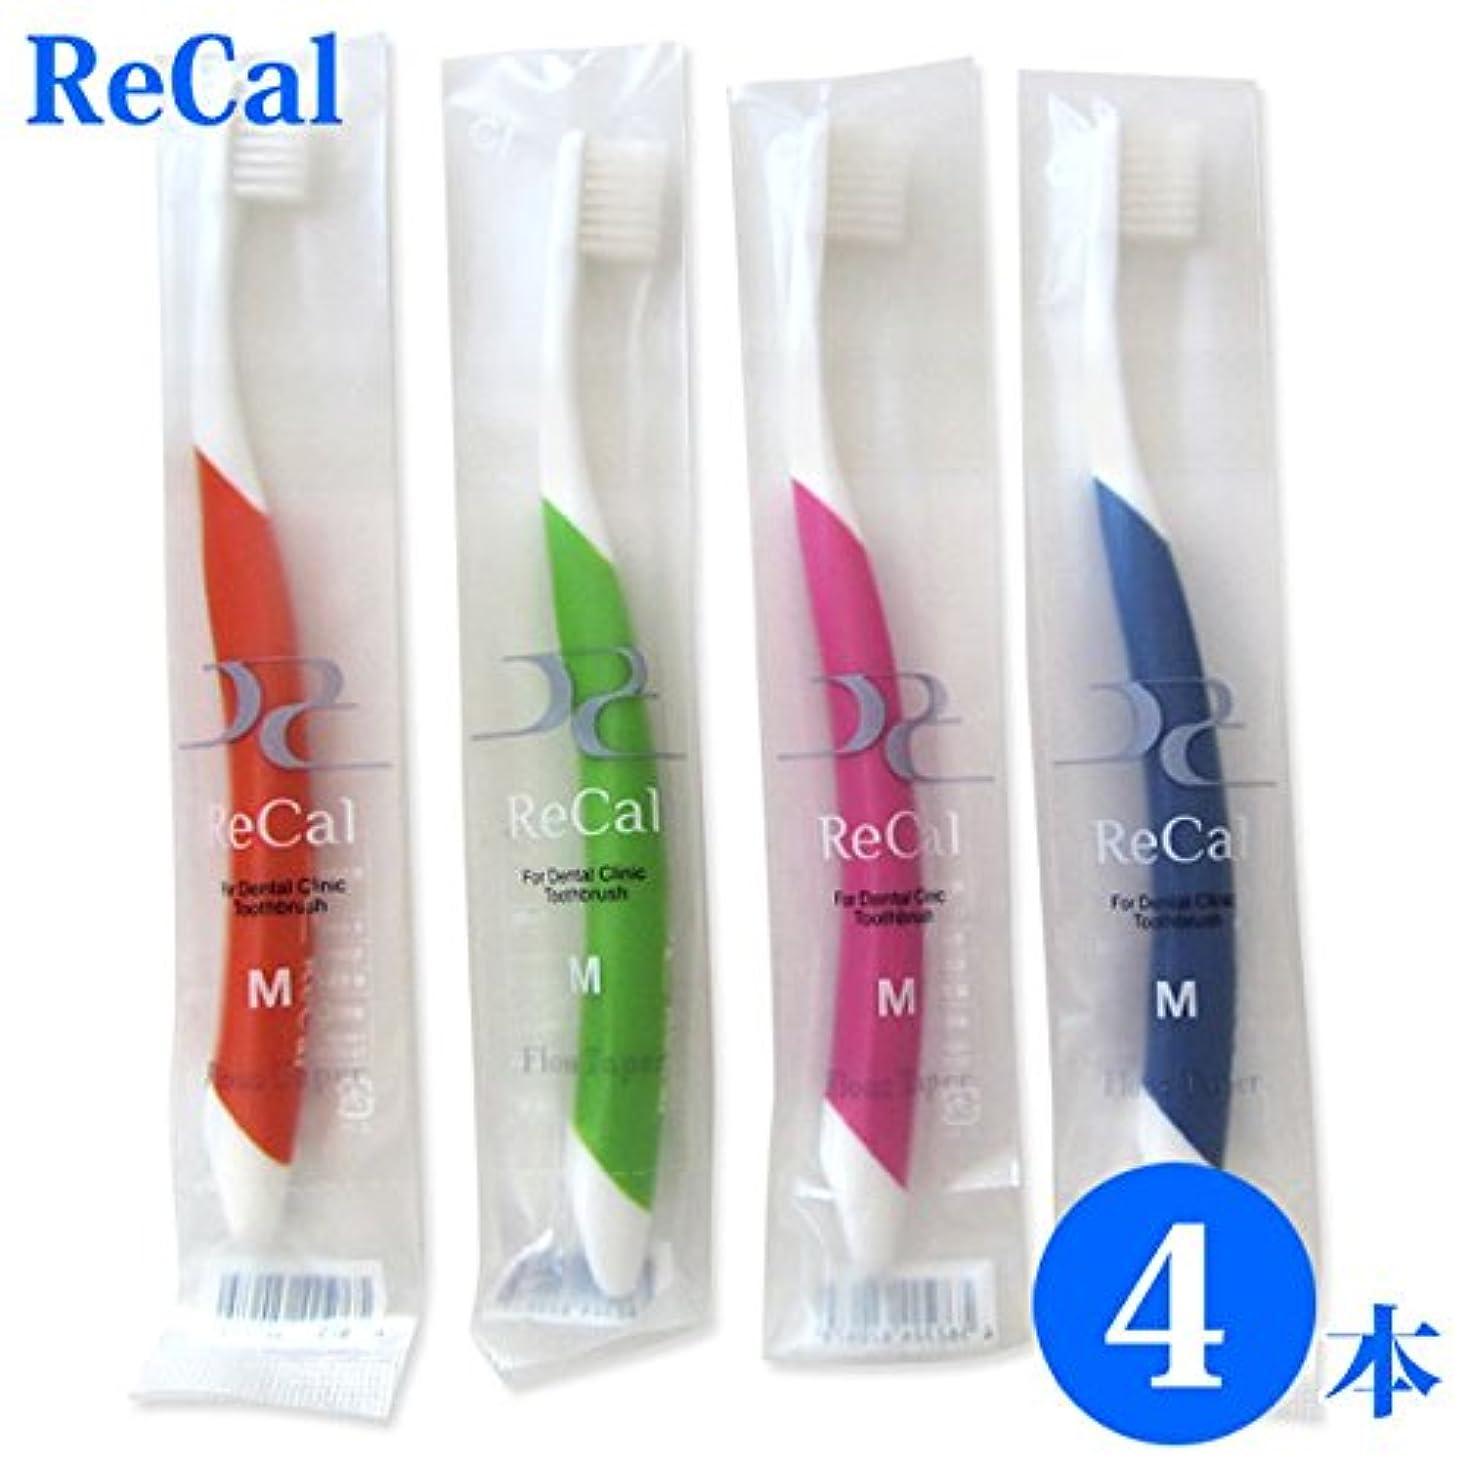 惨めなソフィーレトルトリカル 4色セット 歯科医院専用商品 ReCal リカル M 大人用 一般 歯ブラシ4本 場合20本ま